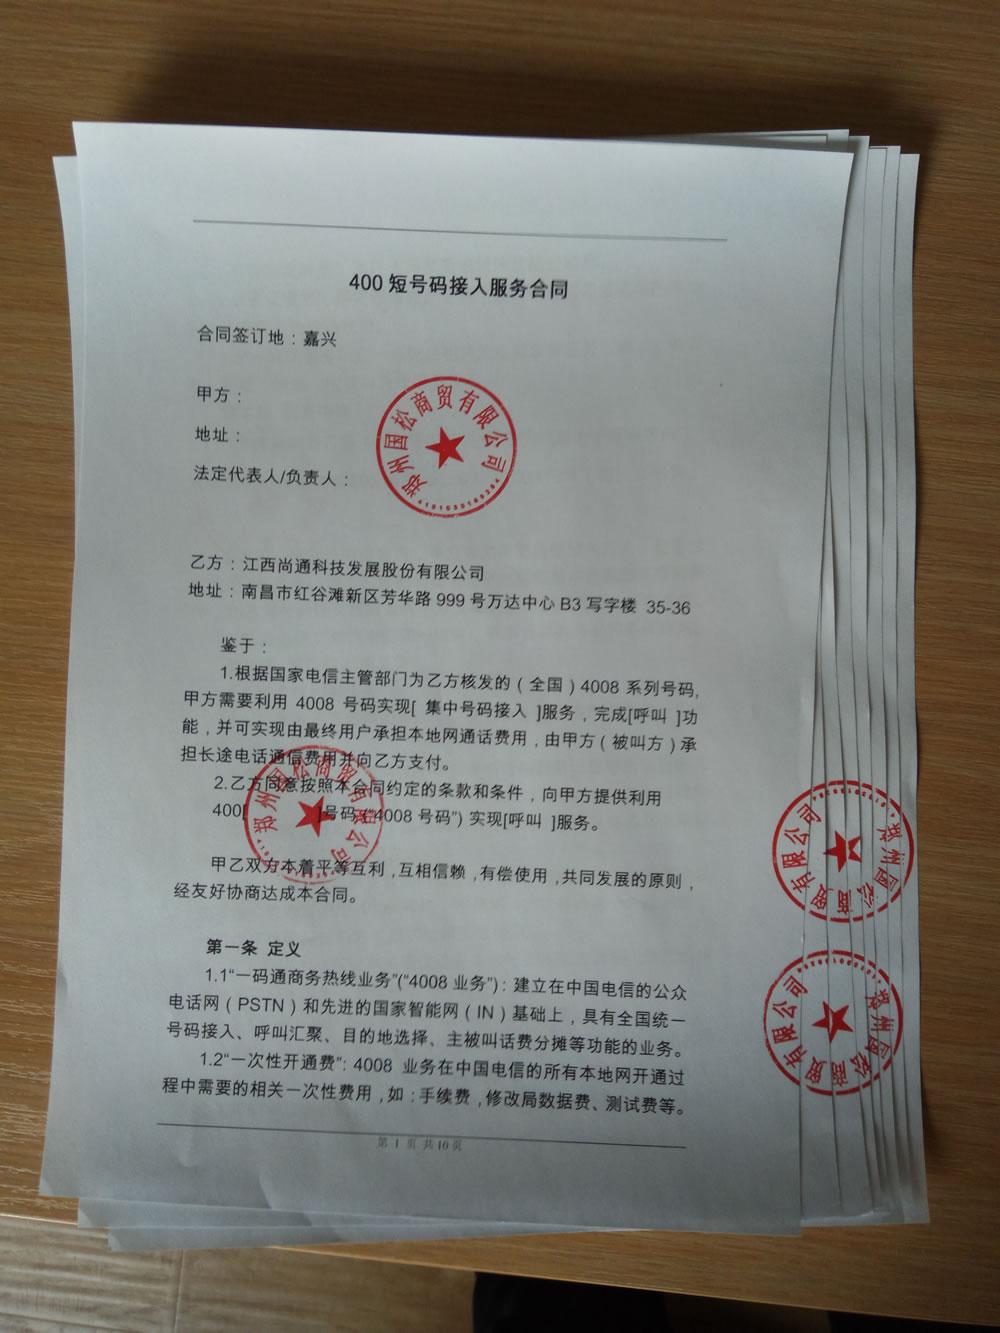 400电�_郑州国松商贸有限公司400电话:400*061995